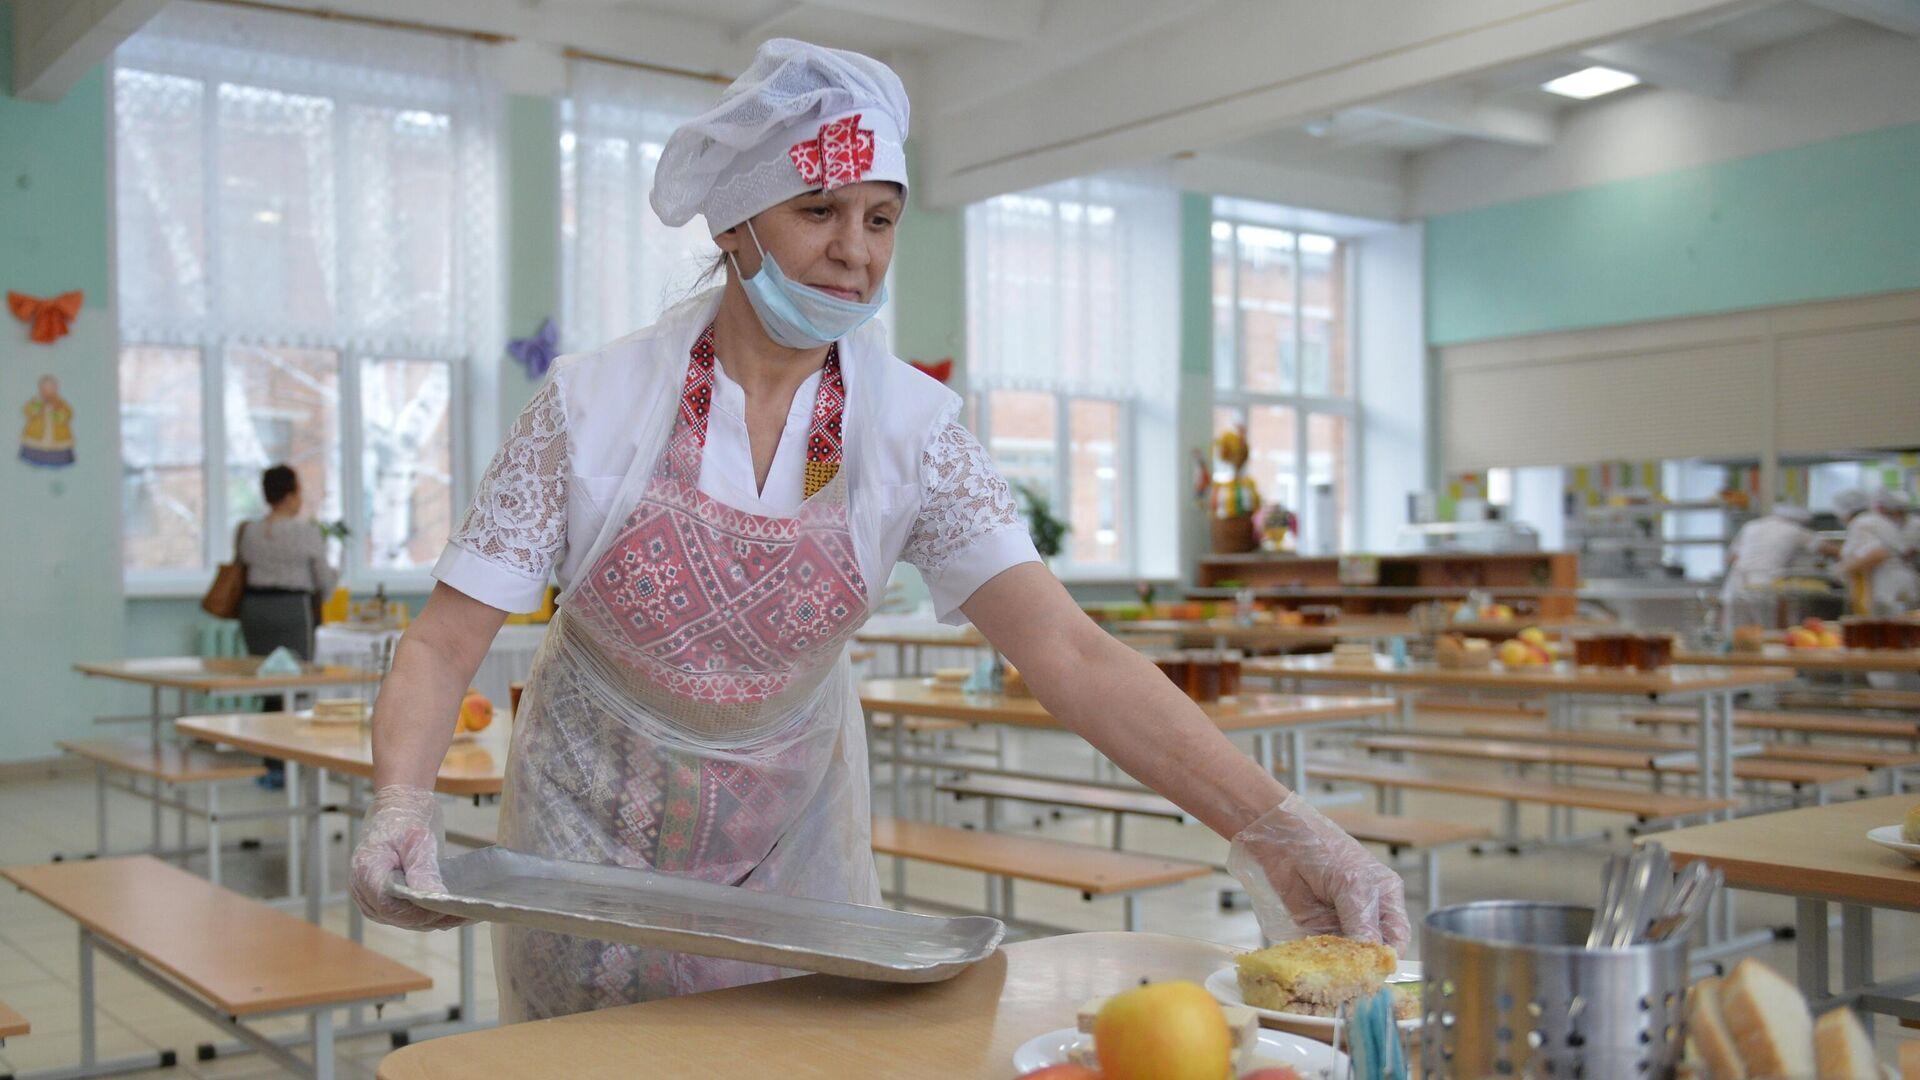 Работница школьной столовой разносит тарелки с едой - РИА Новости, 1920, 26.07.2021